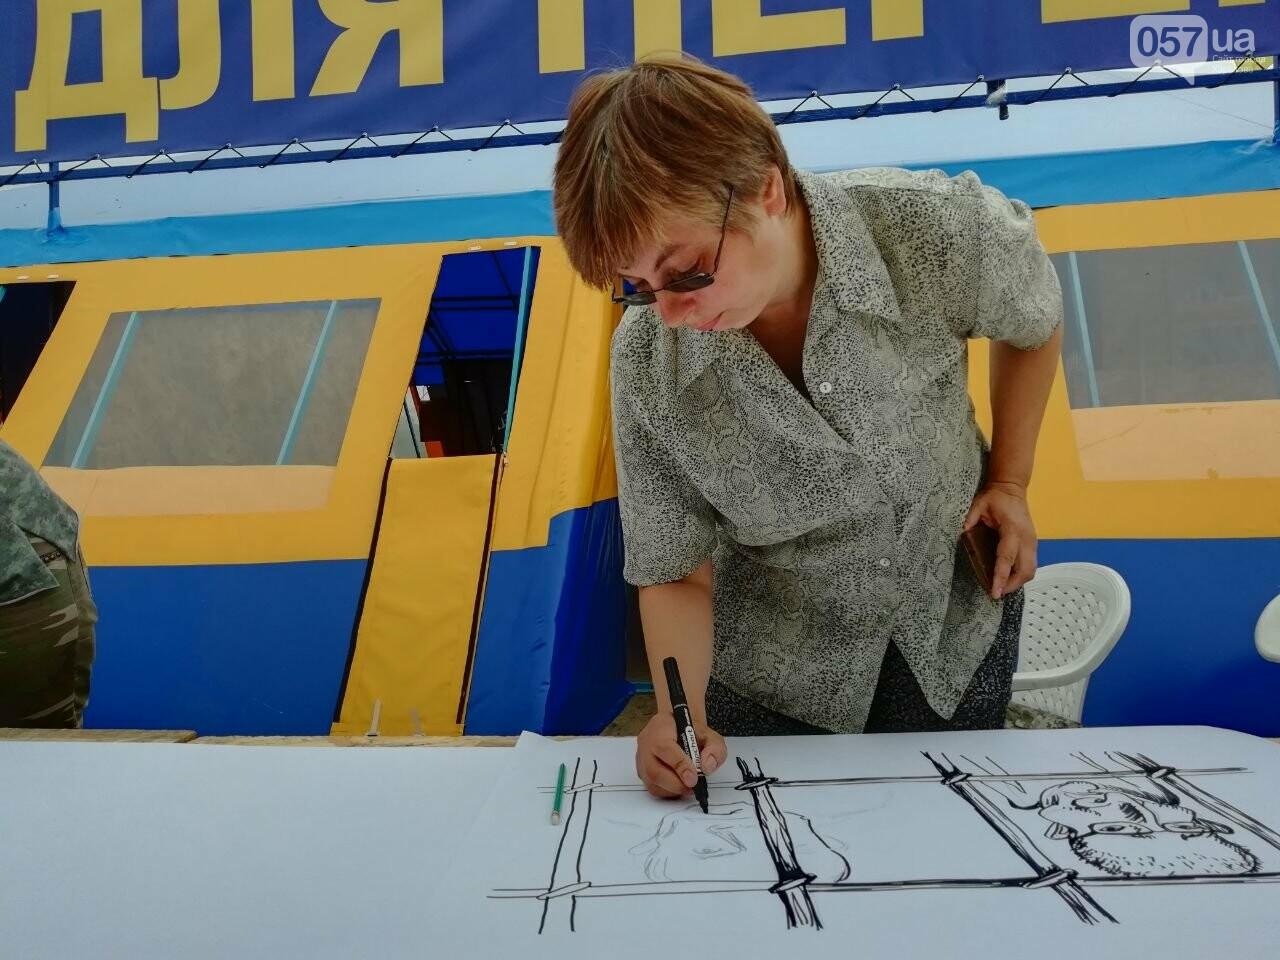 Нарисуй претензию к Кернесу: на площади Свободы организовали акцию, - ФОТО, фото-4